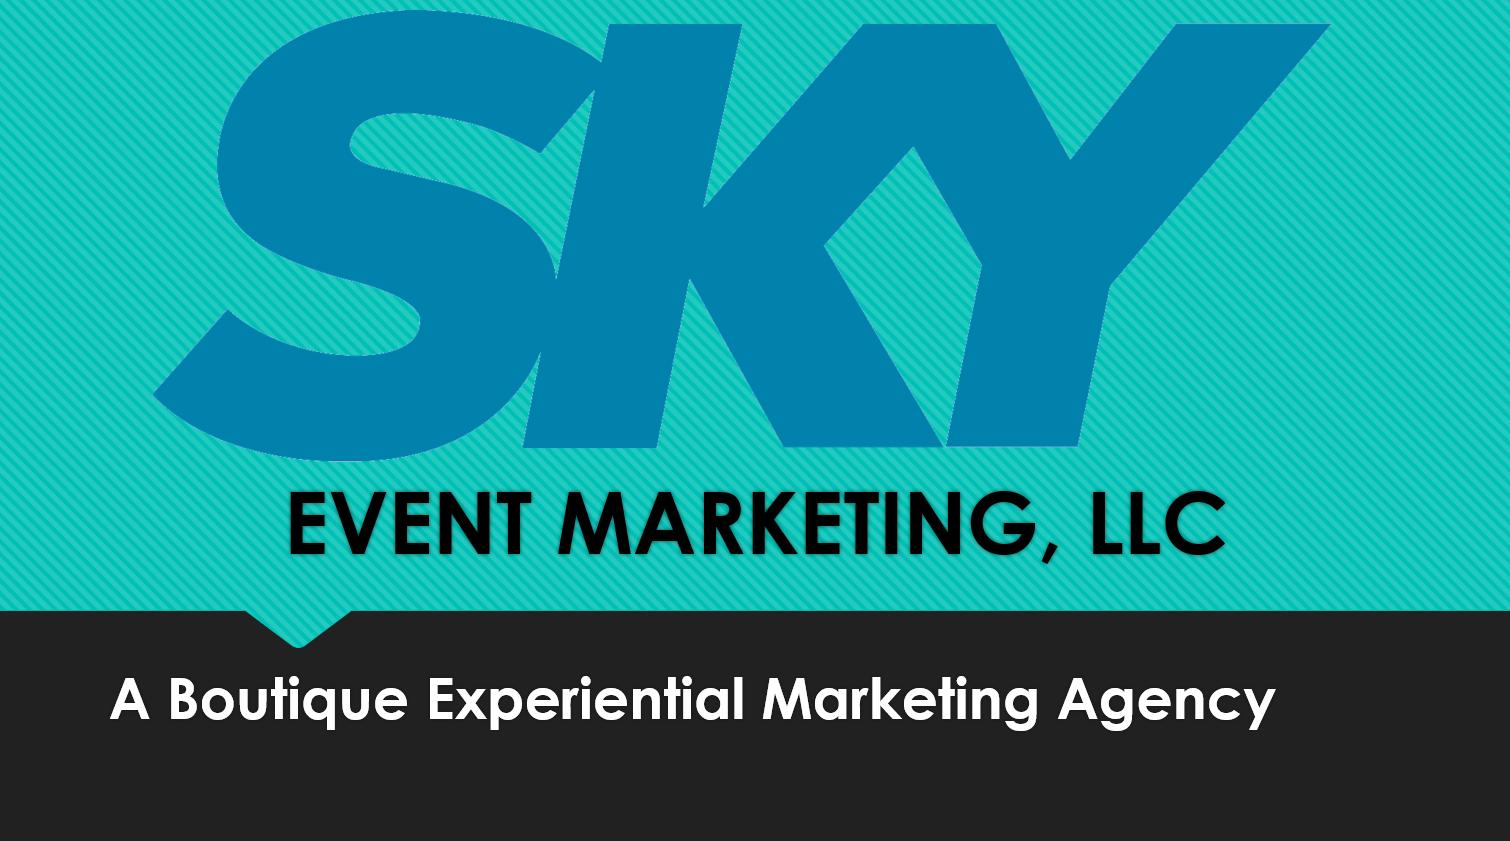 Sky Event Marketing